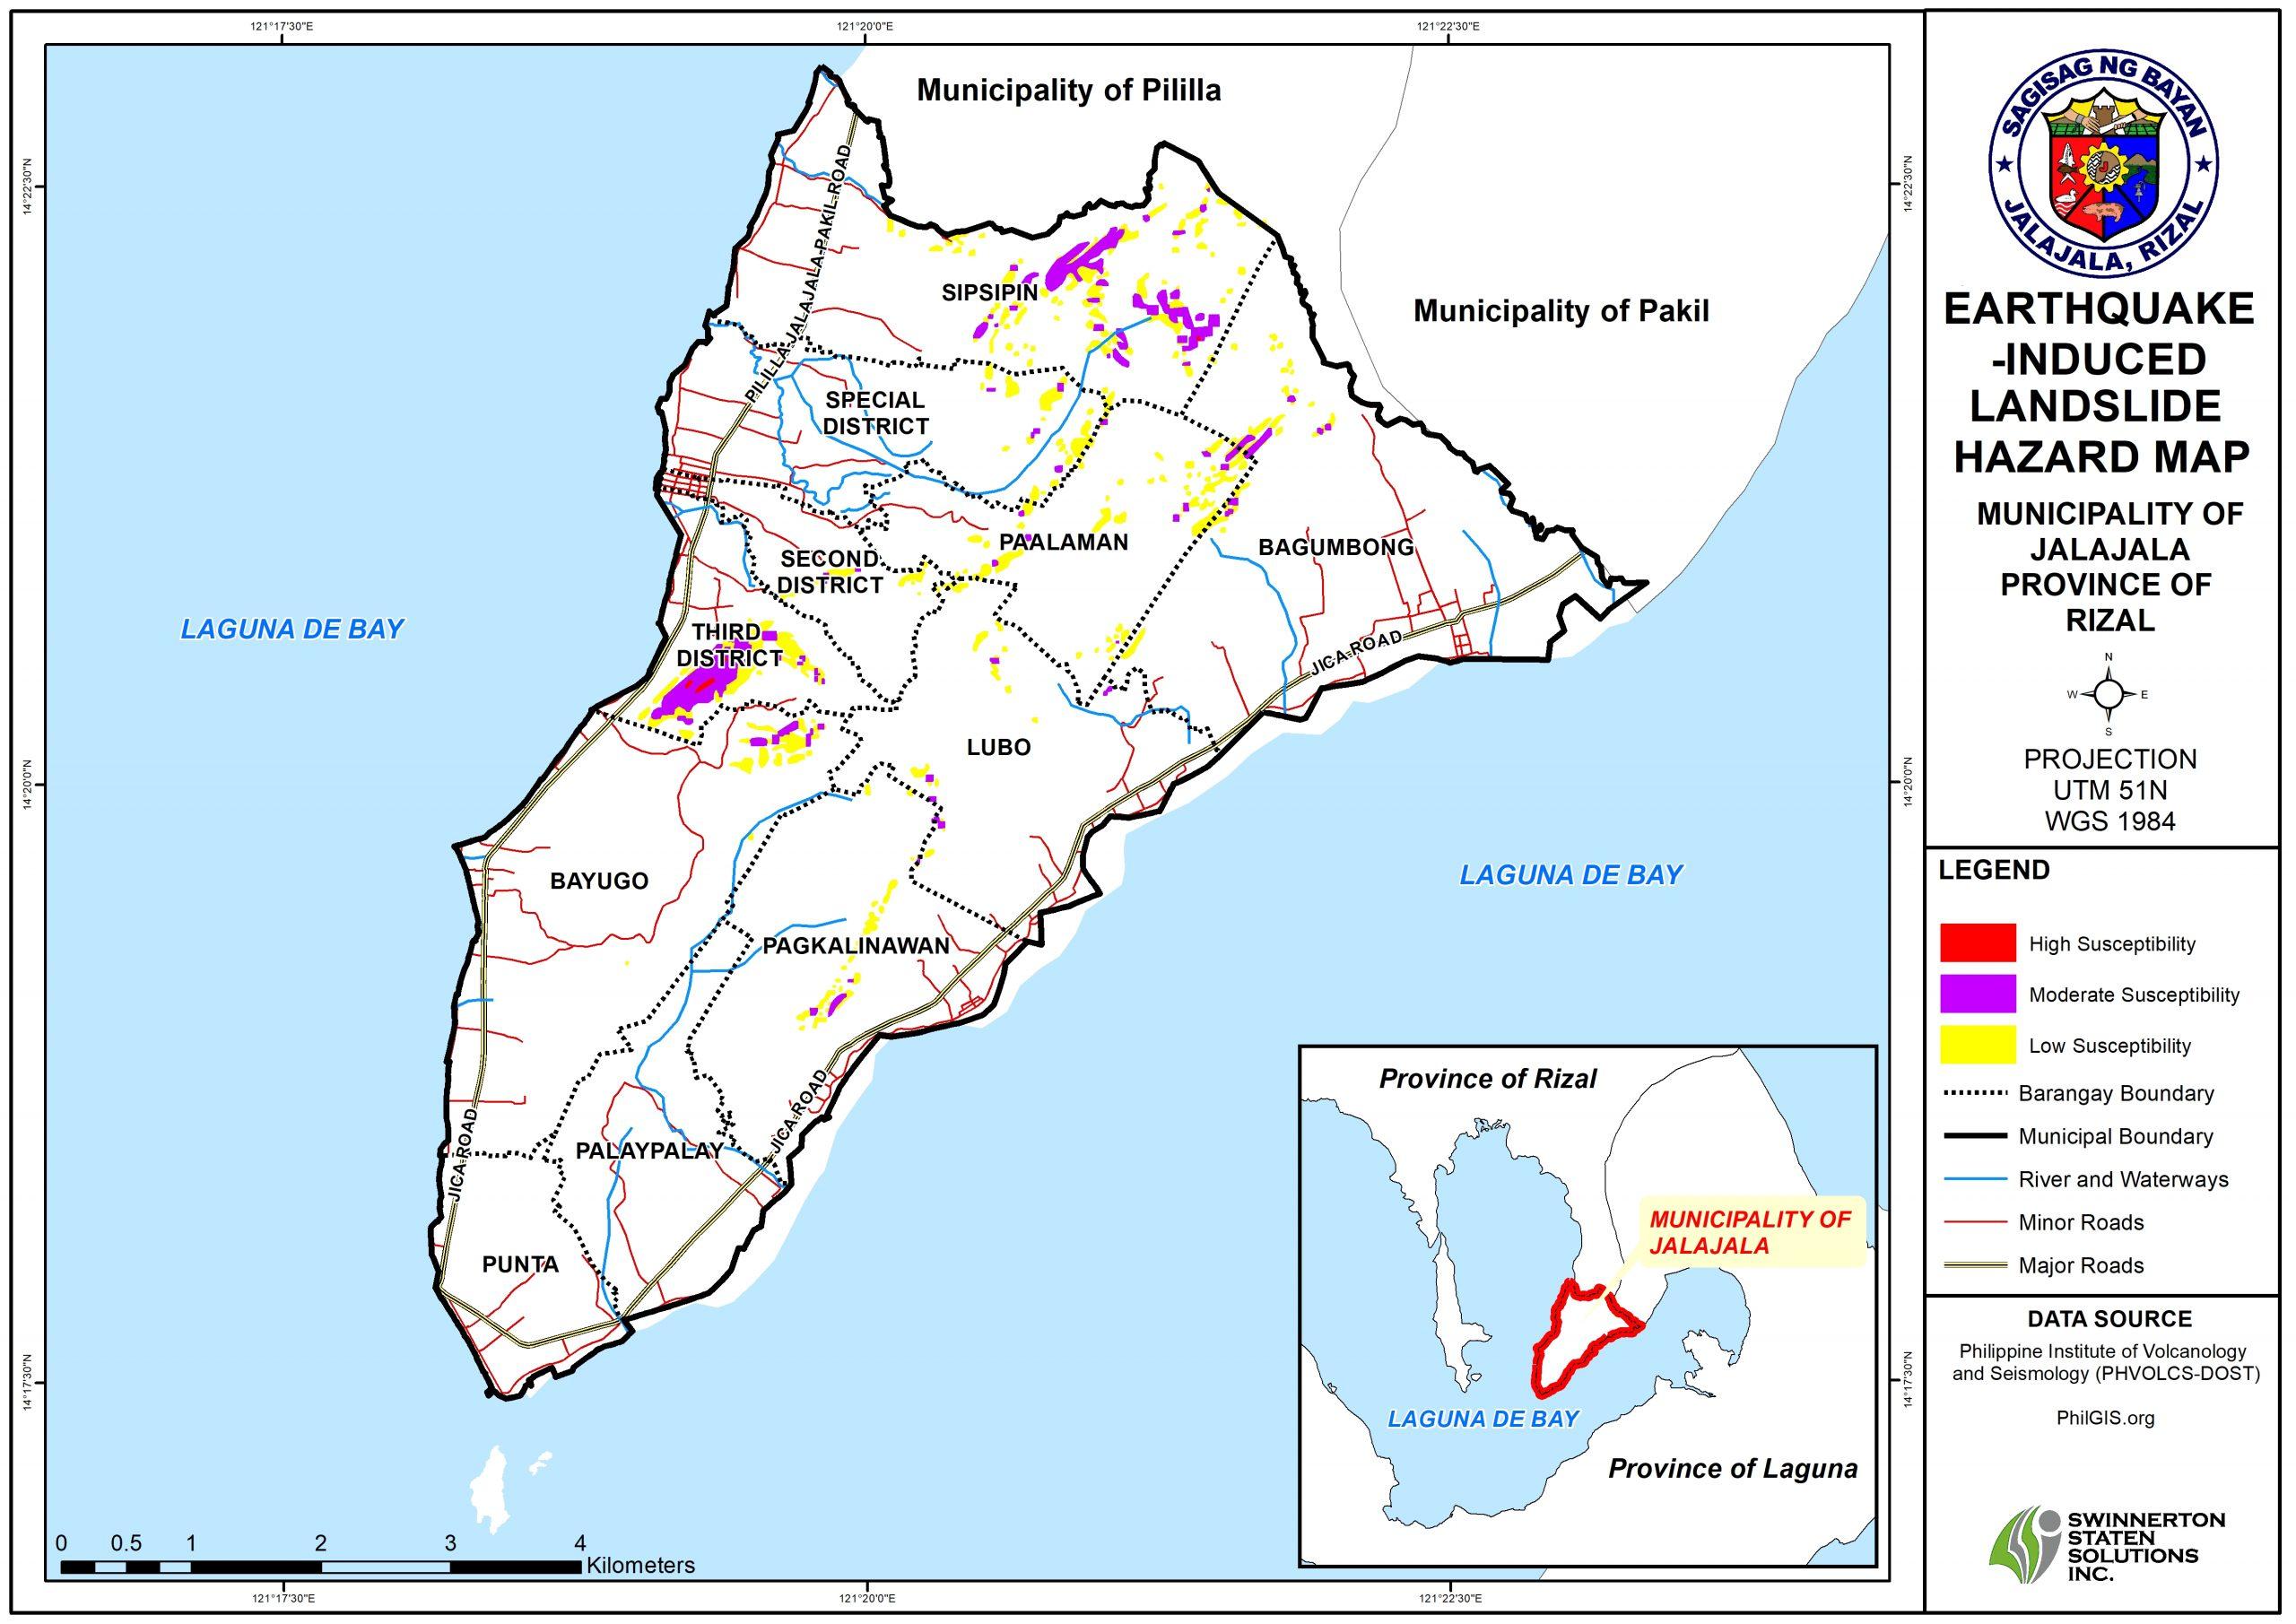 EARTHQUAKE-INDUCED LANDSLIDE HAZARD MAP